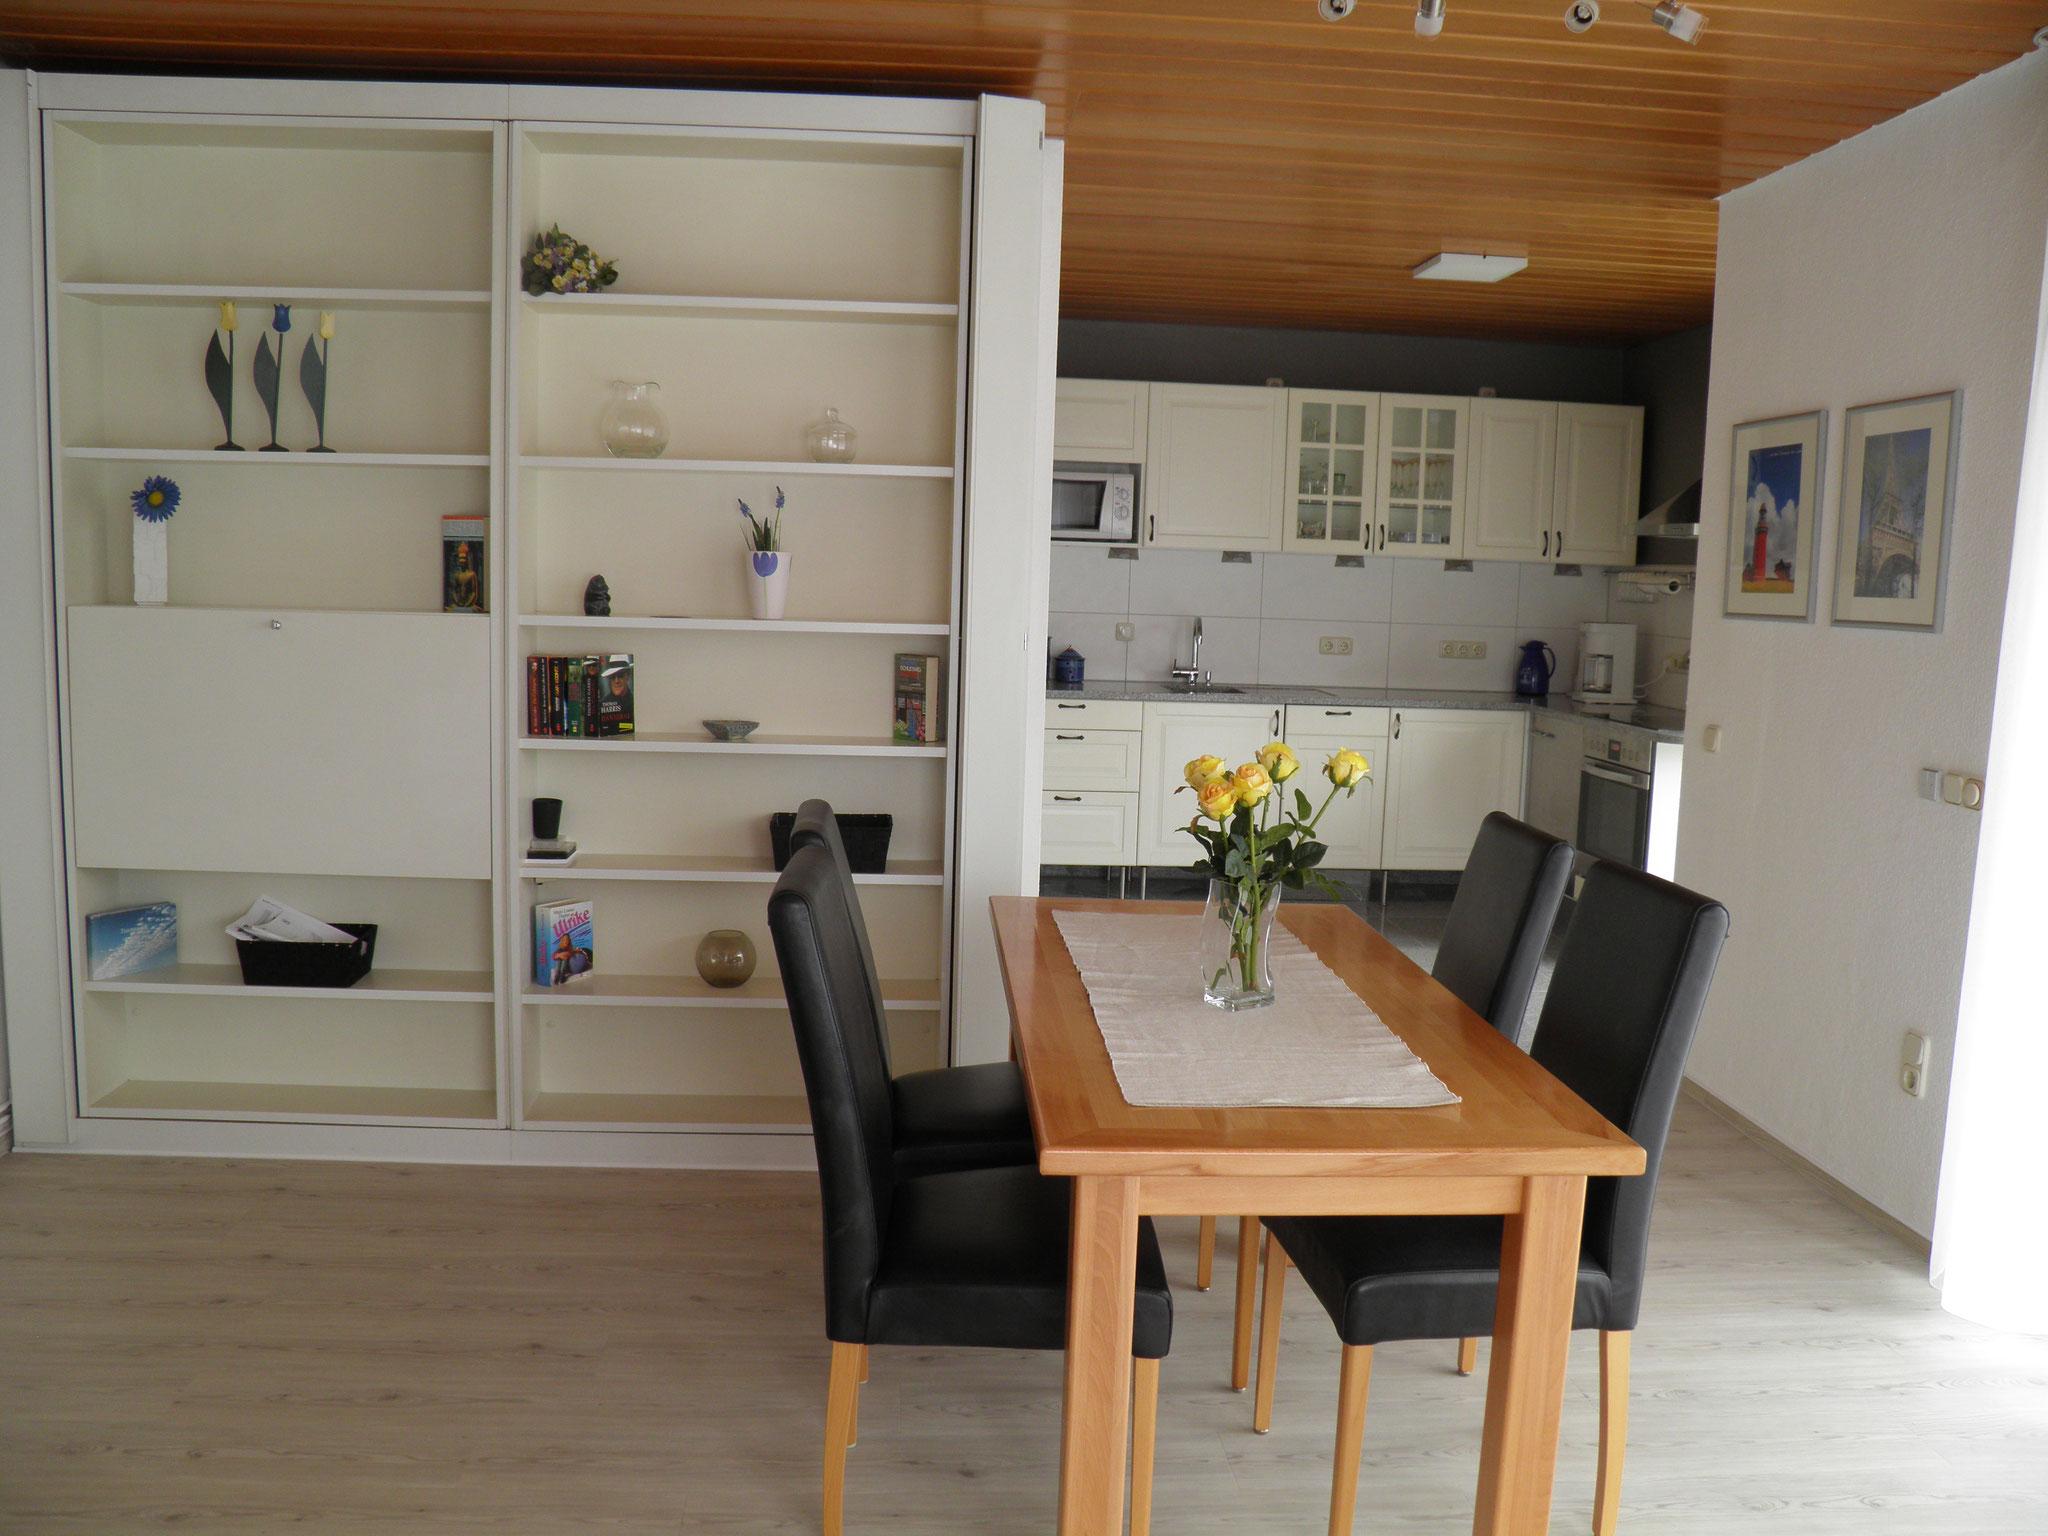 Esszimmertisch mit Blick zur Küche